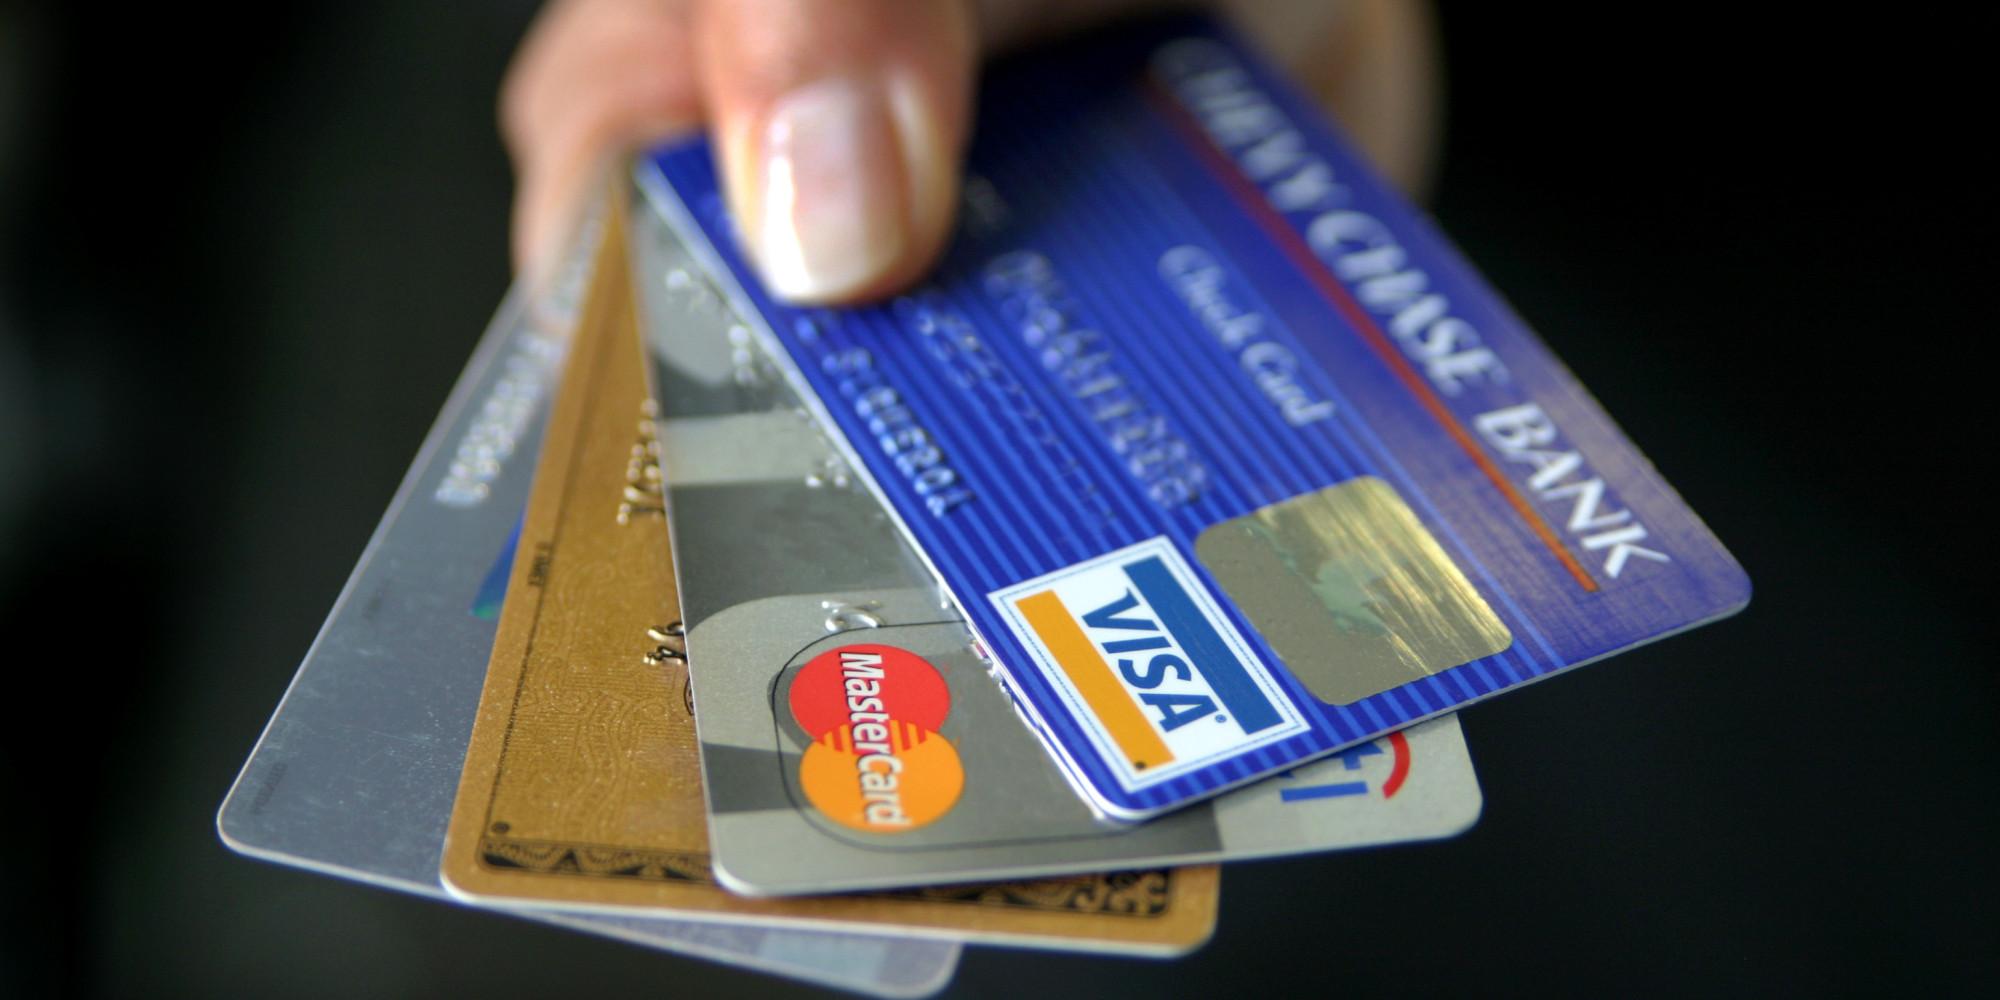 debit cards uae